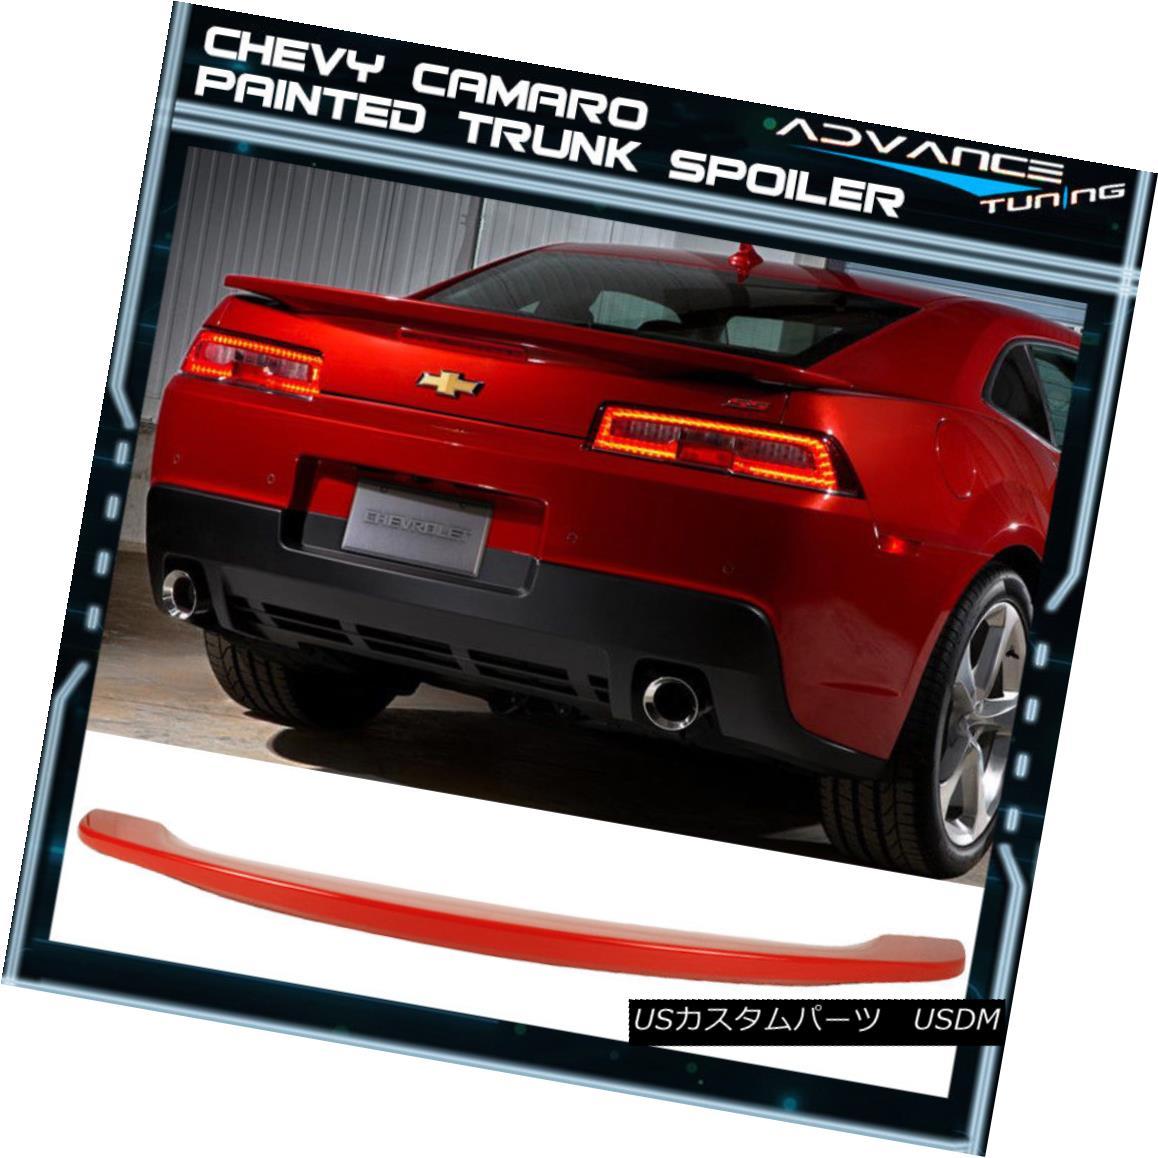 エアロパーツ 14-15 Chevy Camaro Trunk Spoiler OEM Painted Color #WA130X Pull Me Over Red 14-15シボレーカマロトランク・スポイラーOEM塗装カラー#WA130Xプル・ミー・オーバー・レッド